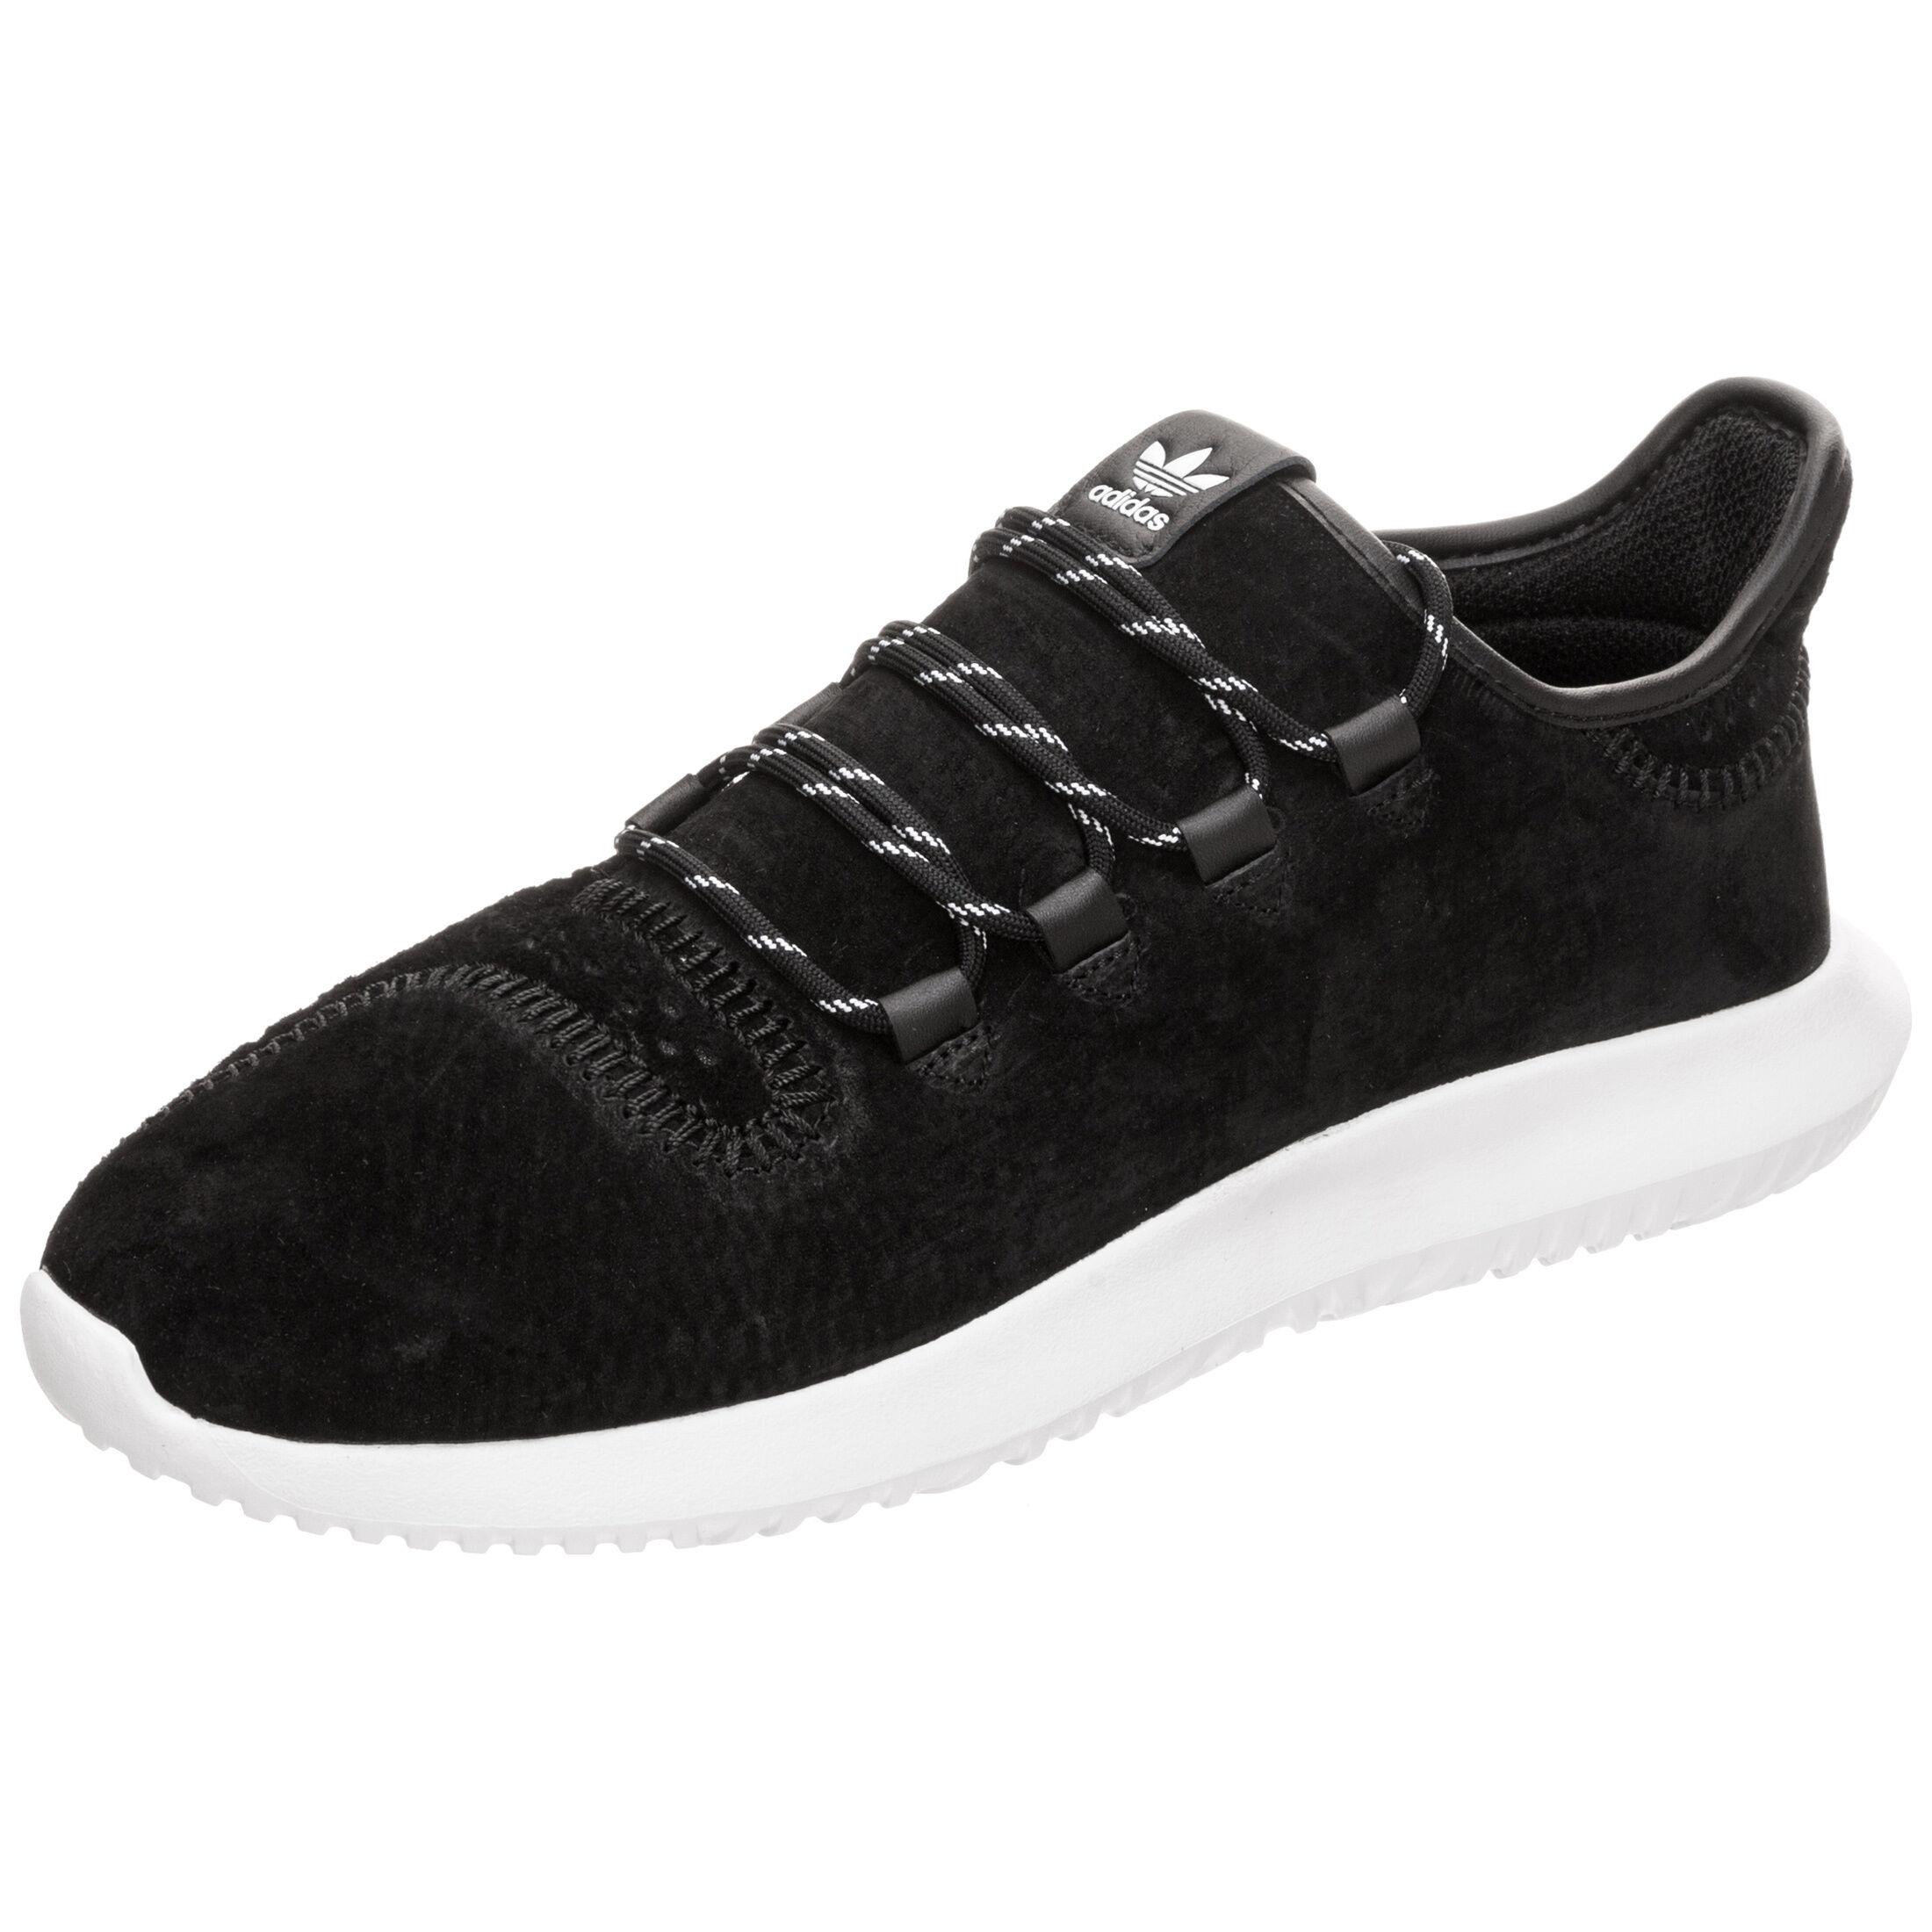 adidas Performance Schuhe & Bekleidung online kaufen Sport